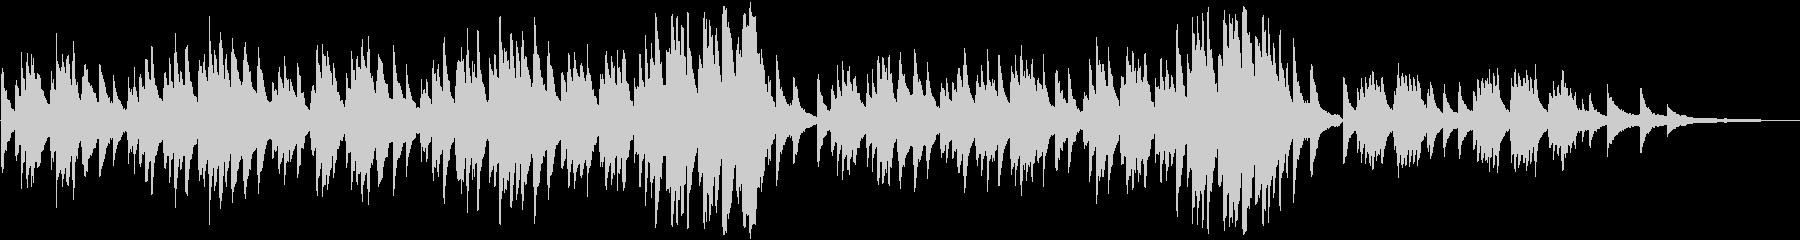 愛のワルツ/ブラームス【ピアノソロ】の未再生の波形